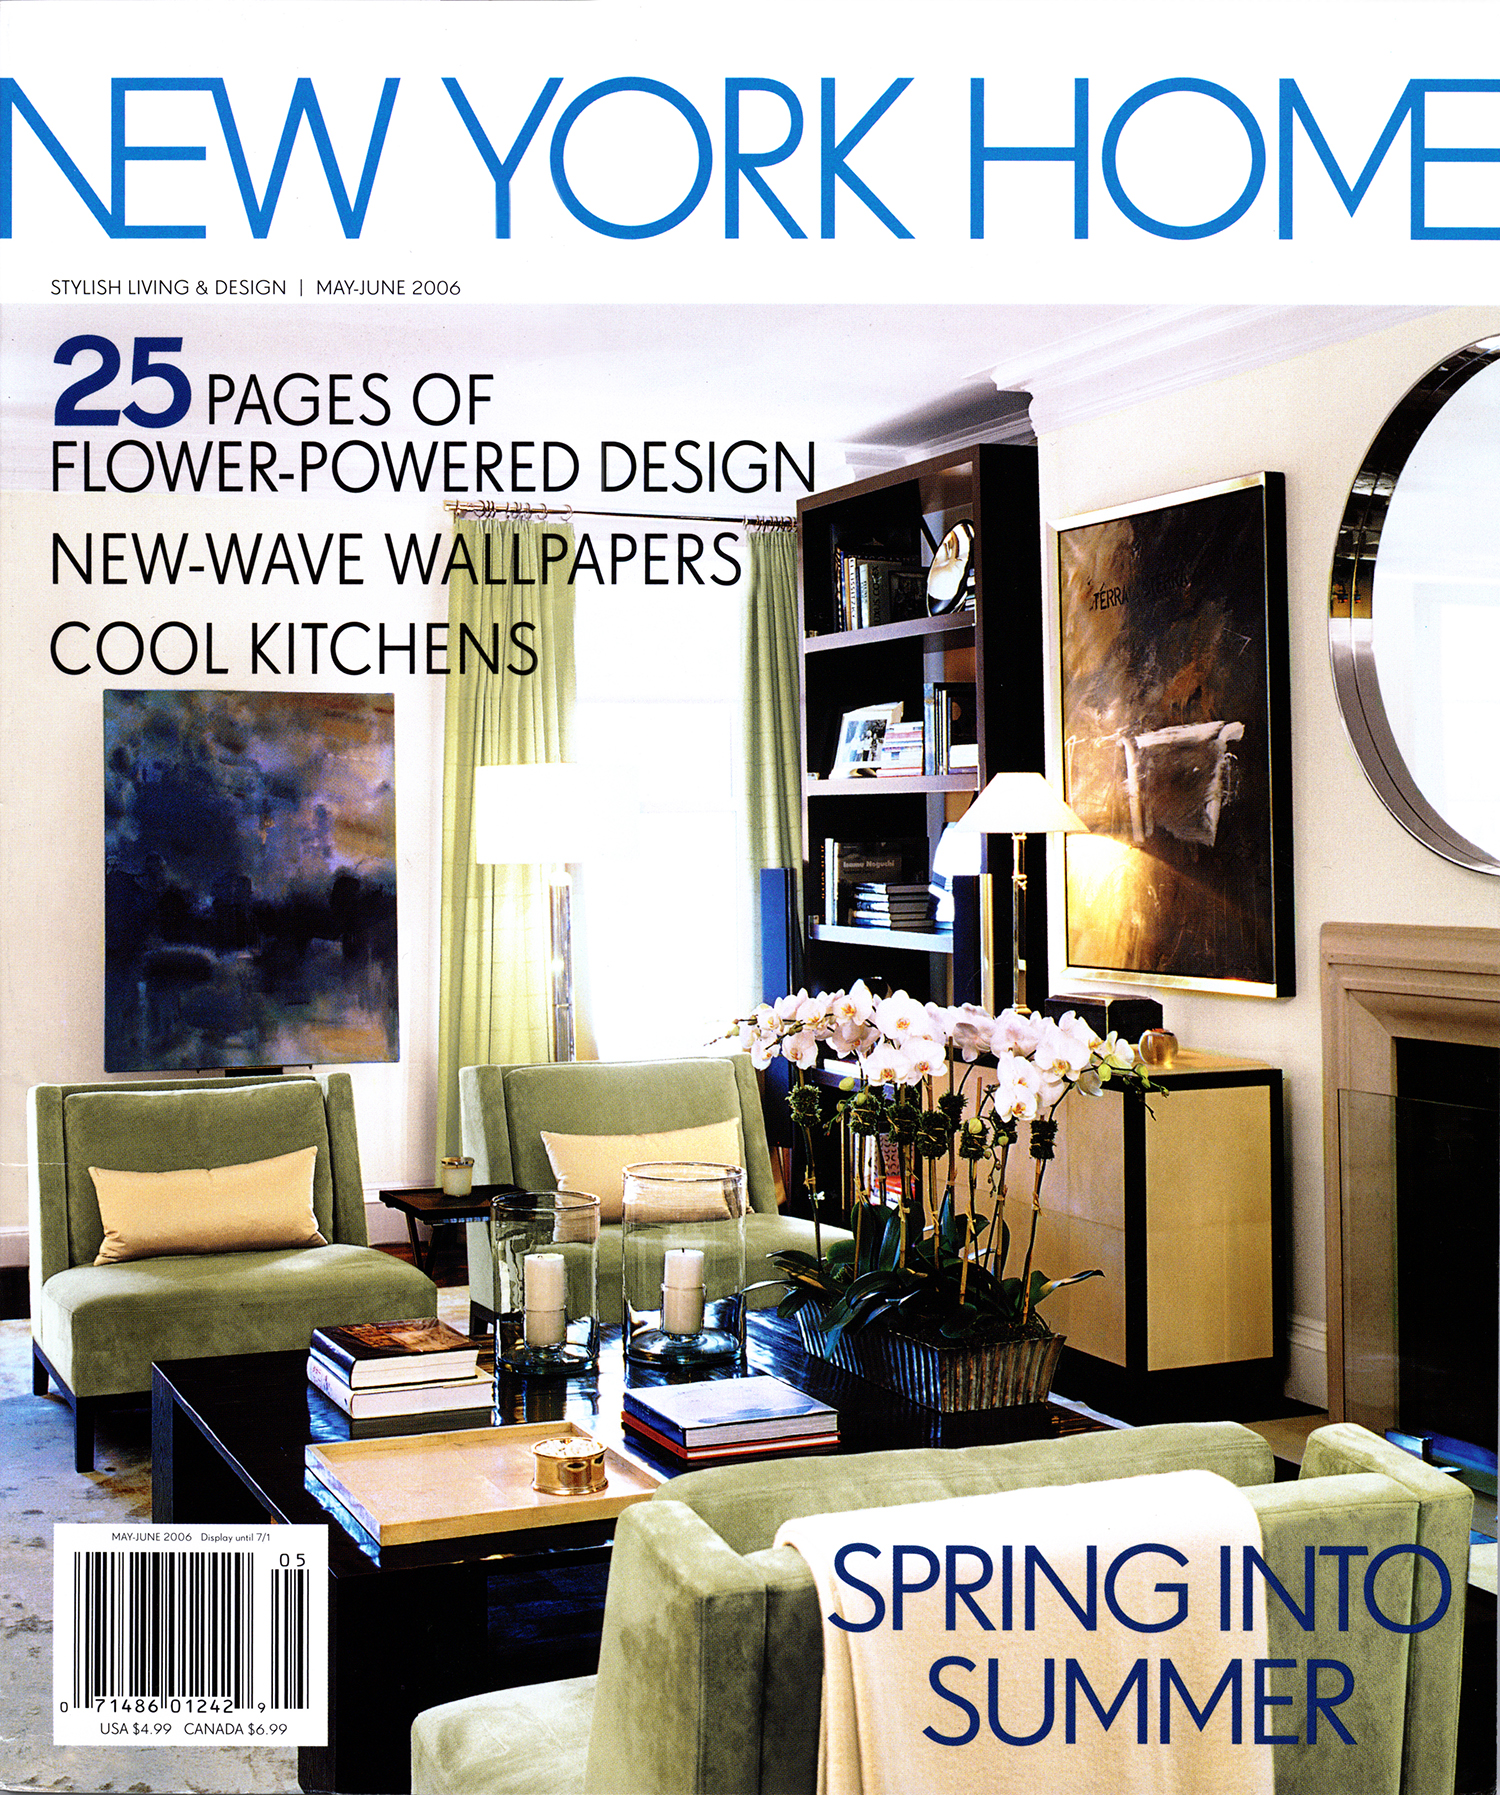 New York Home Magazine May June 2006